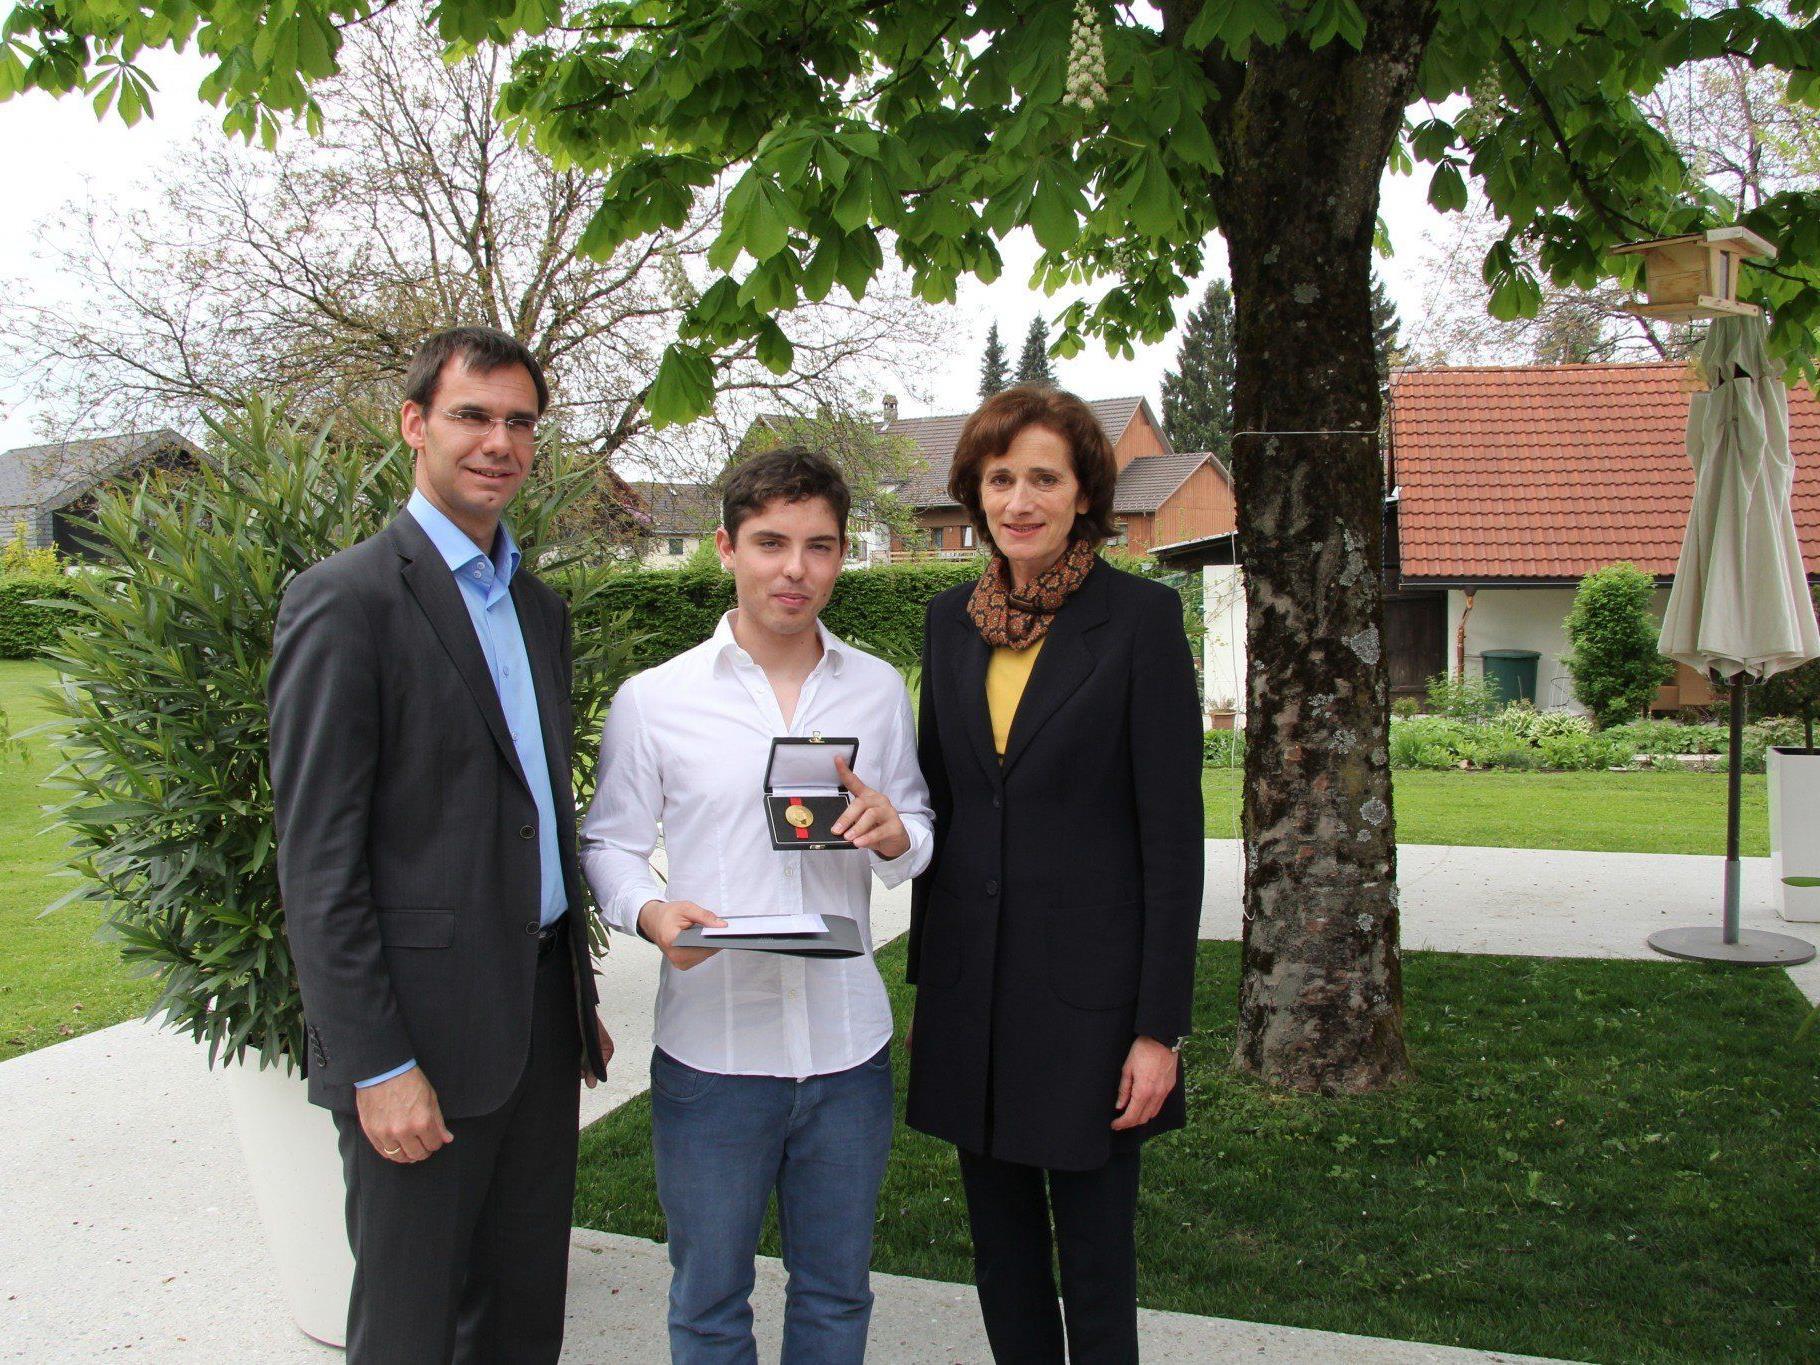 Landeshauptmann Markus Wallner und Sportlandesrätin Bernadette Mennel überreichten Marcel Mathis das goldene Ehrenzeichen für sportliche Leistungen.